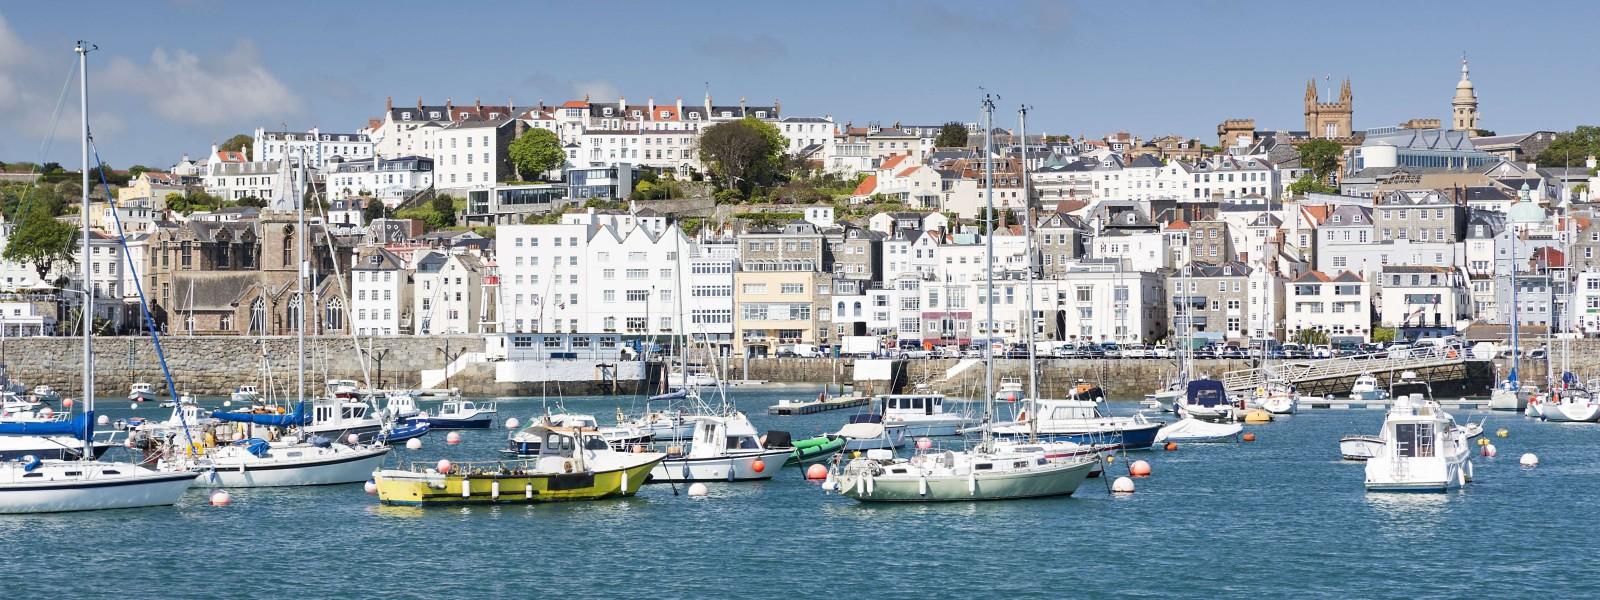 Guernsey and Alderney